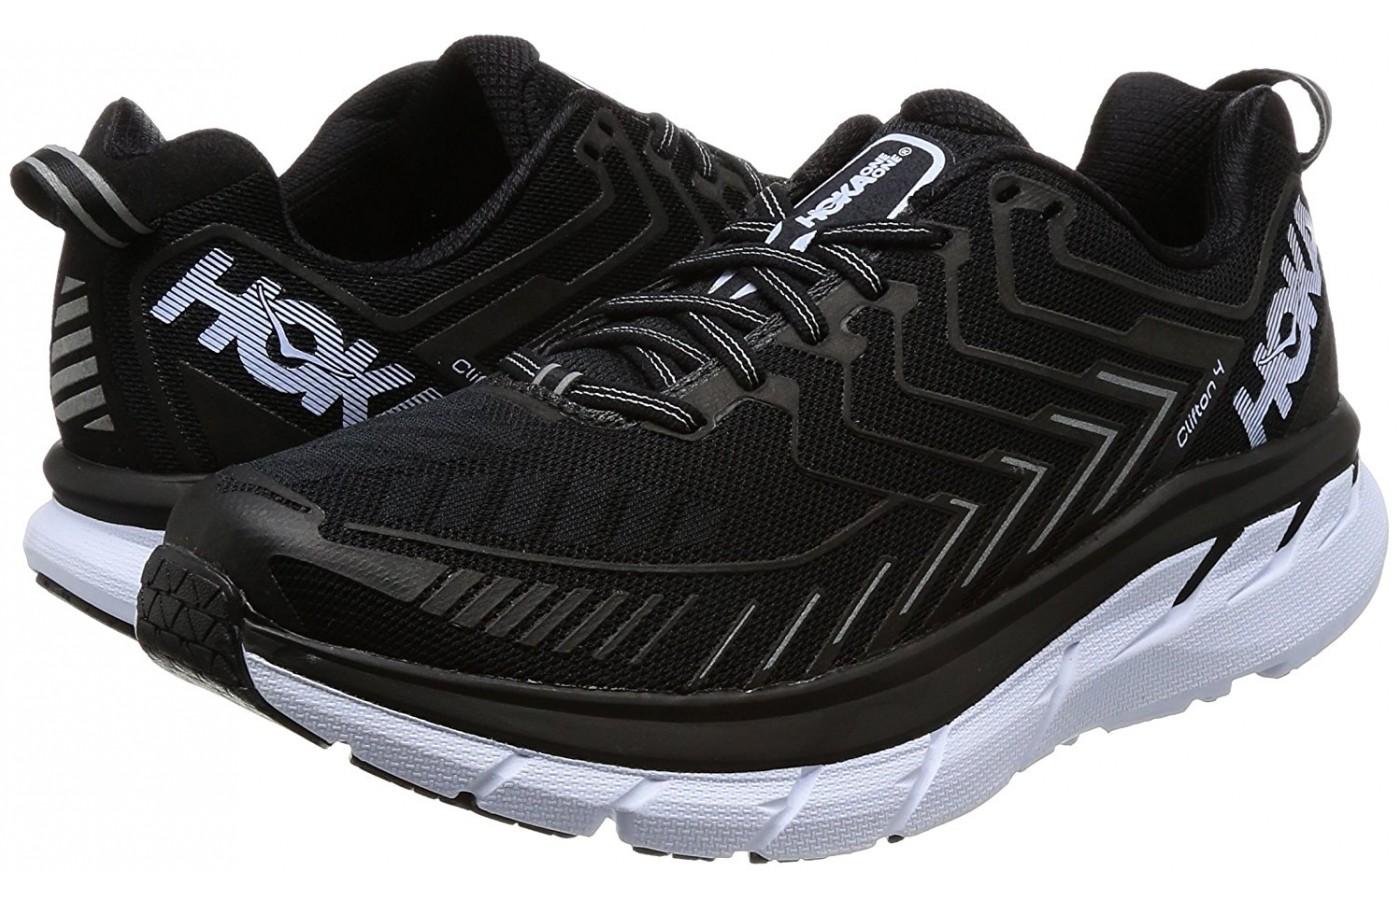 Clifton 4 pair